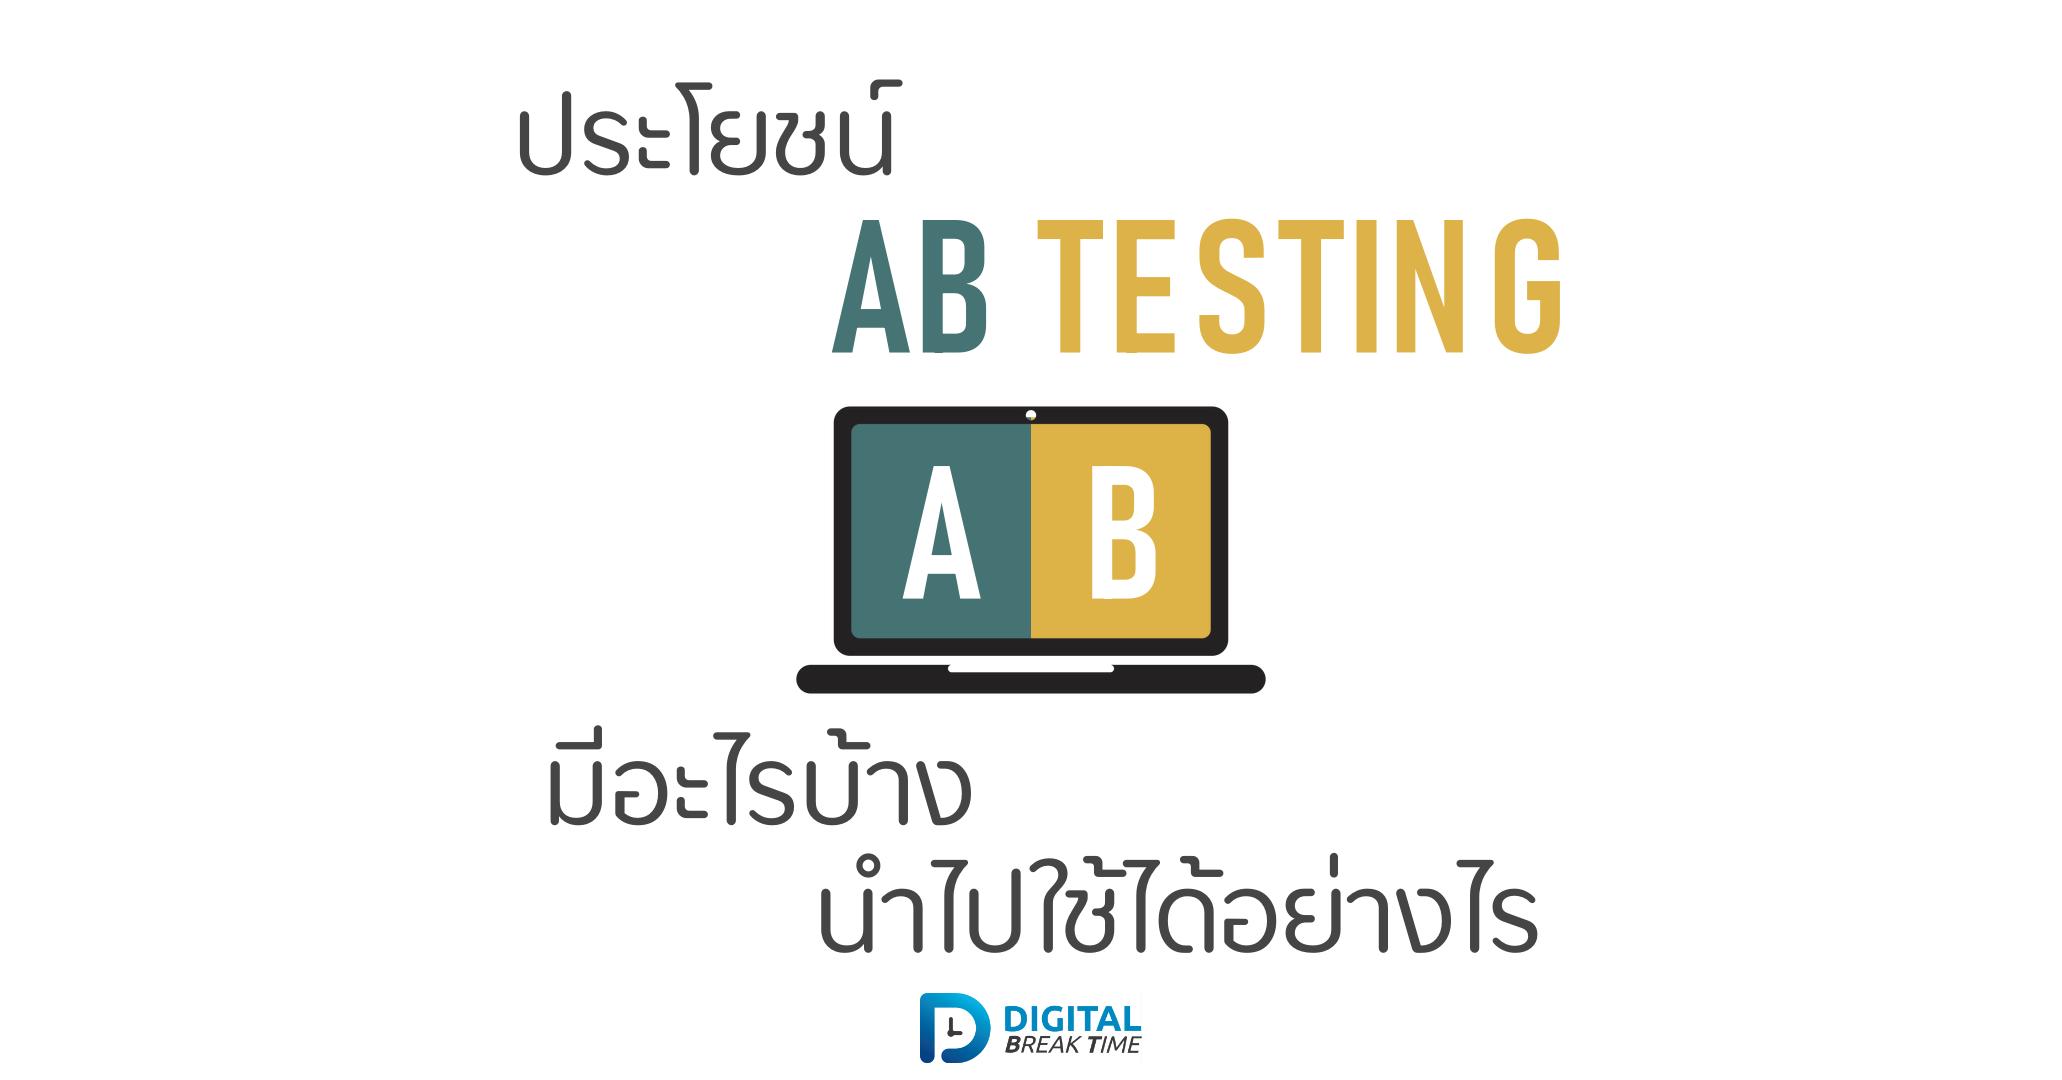 ประโยชน์ AB TESTING cover